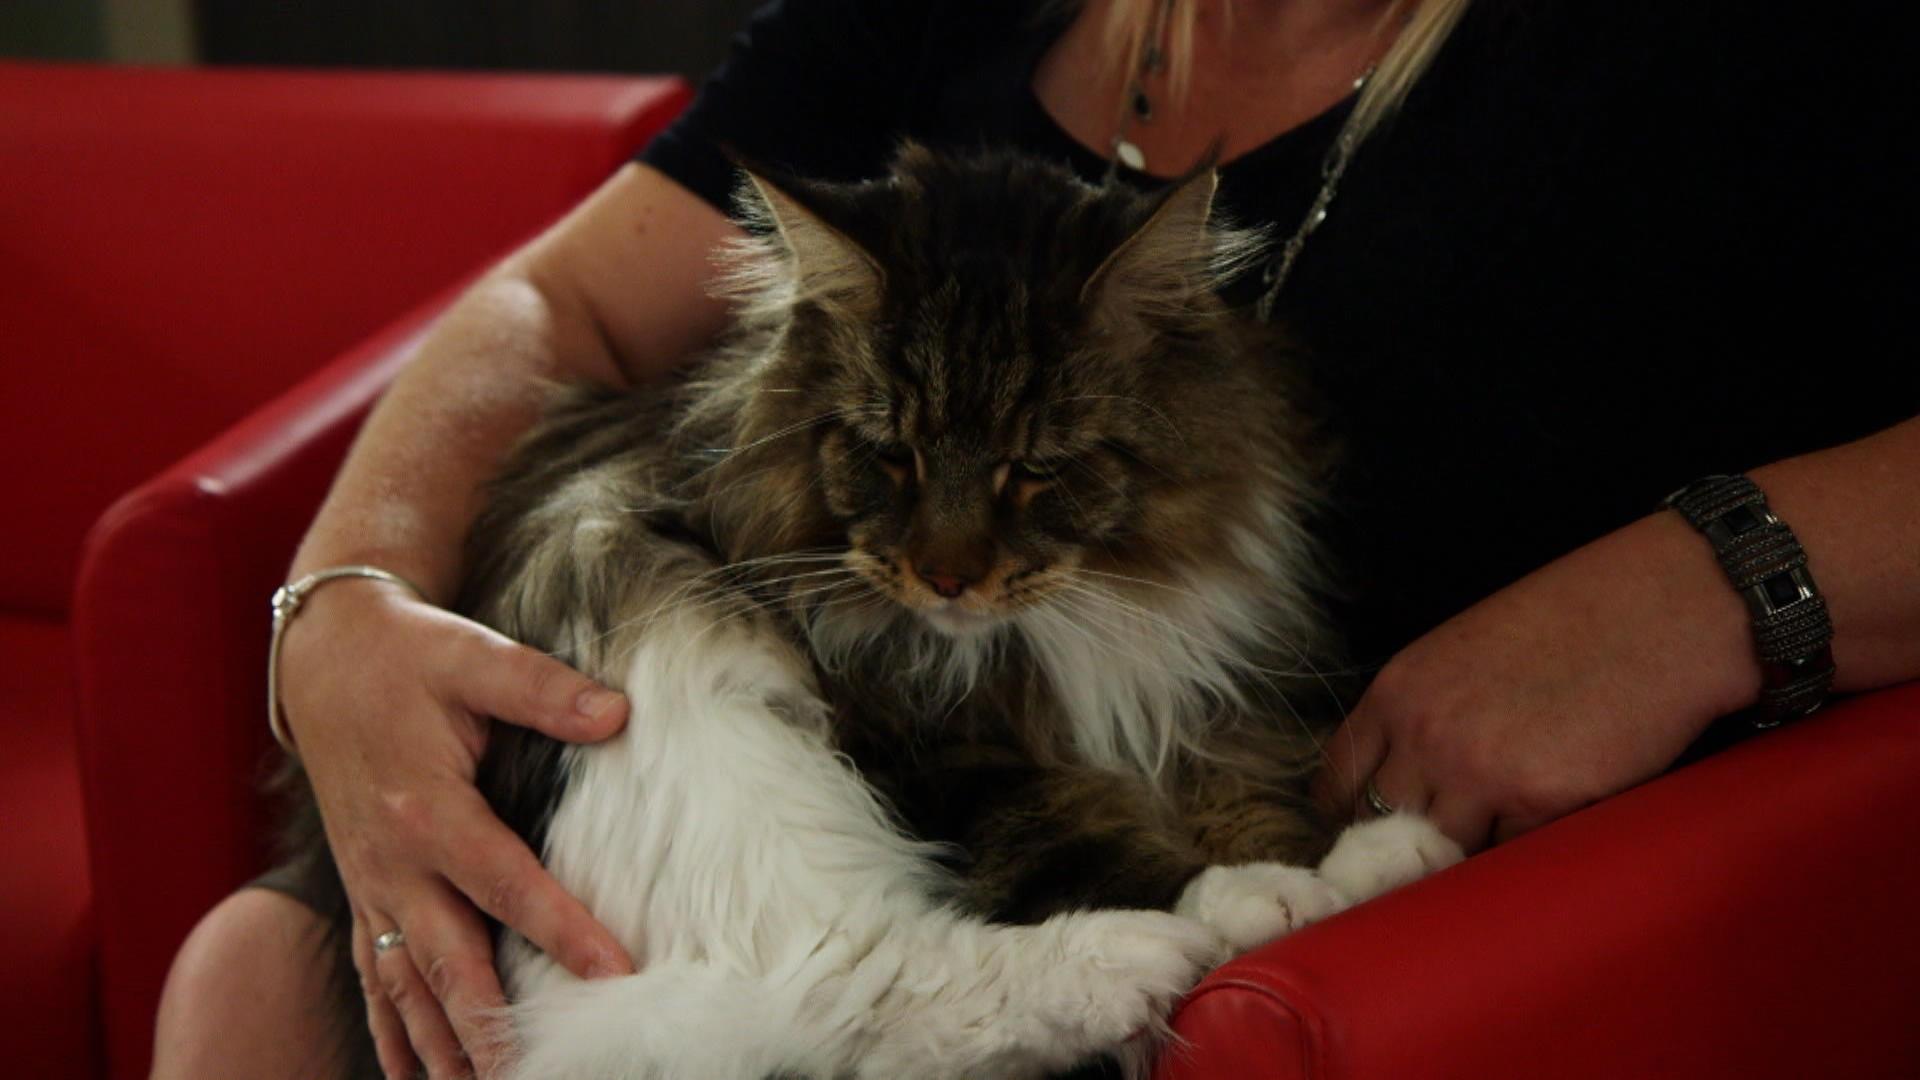 chat rencontre quebec 100 gratuit Vaulx-en-Velin